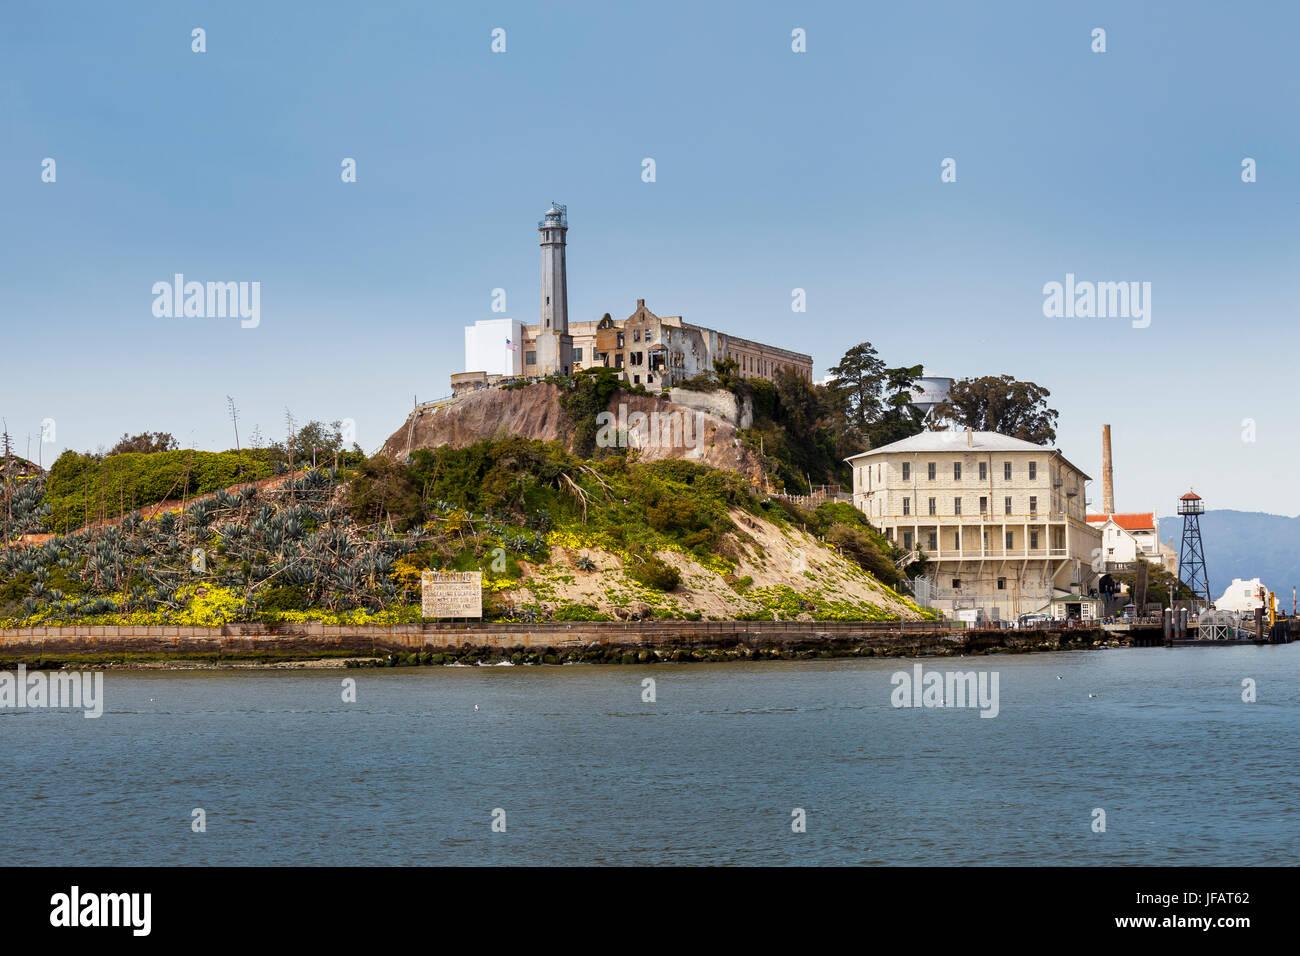 Gefängnis Alcatraz, San Francisco, Kalifornien, USA Stockbild